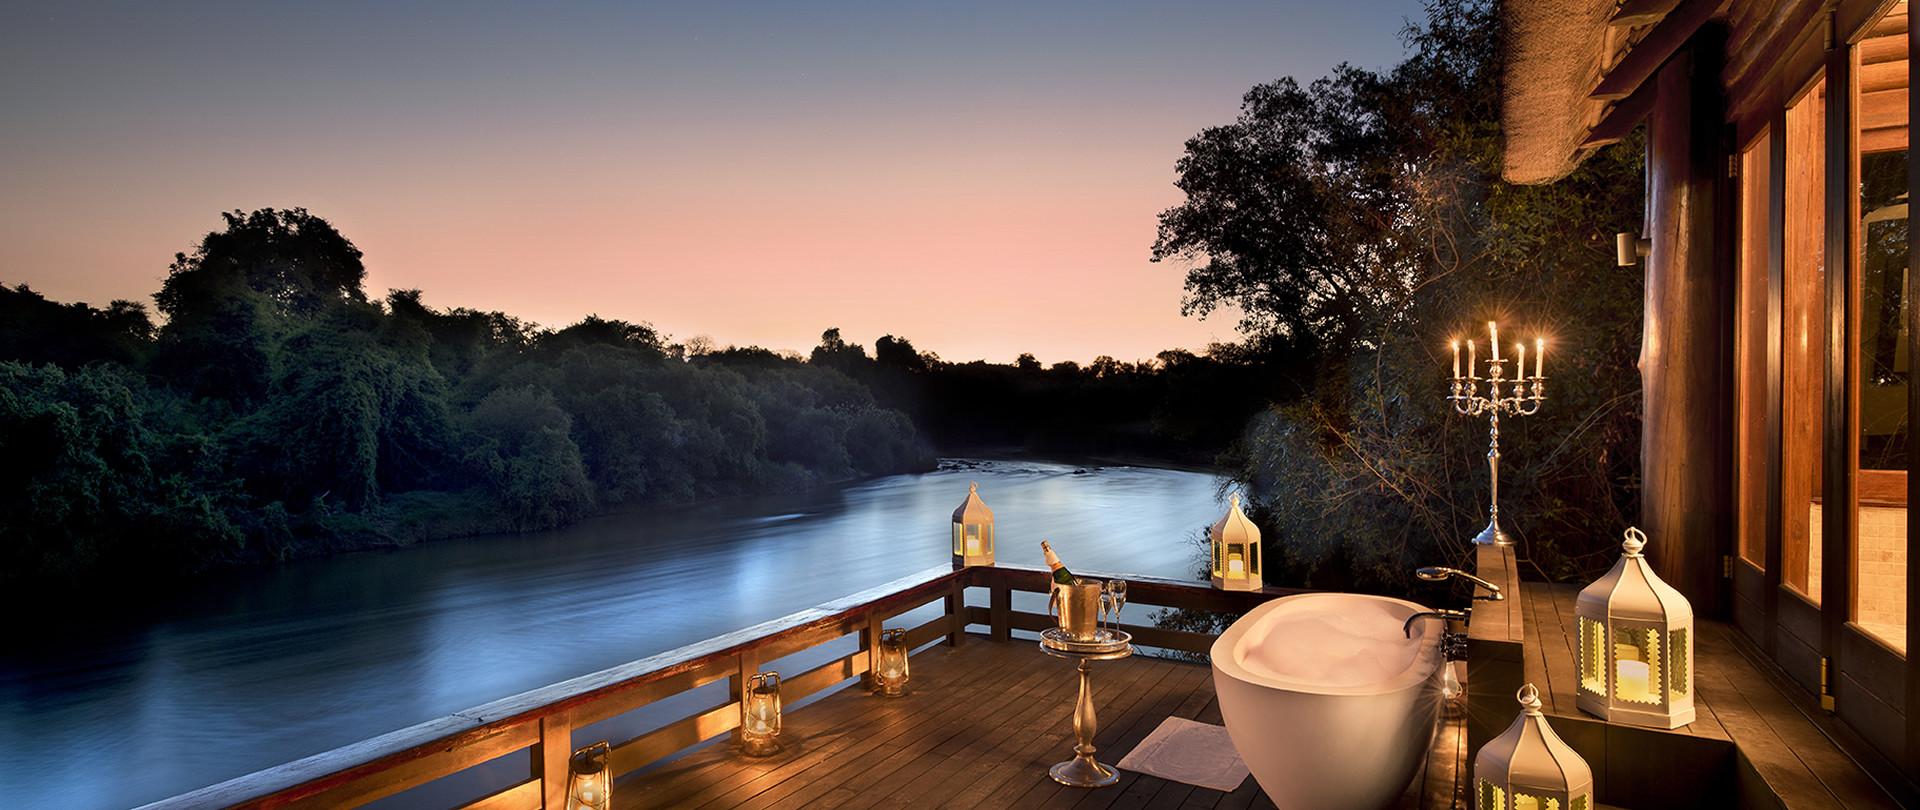 Romance & privacy on the Zambezi River